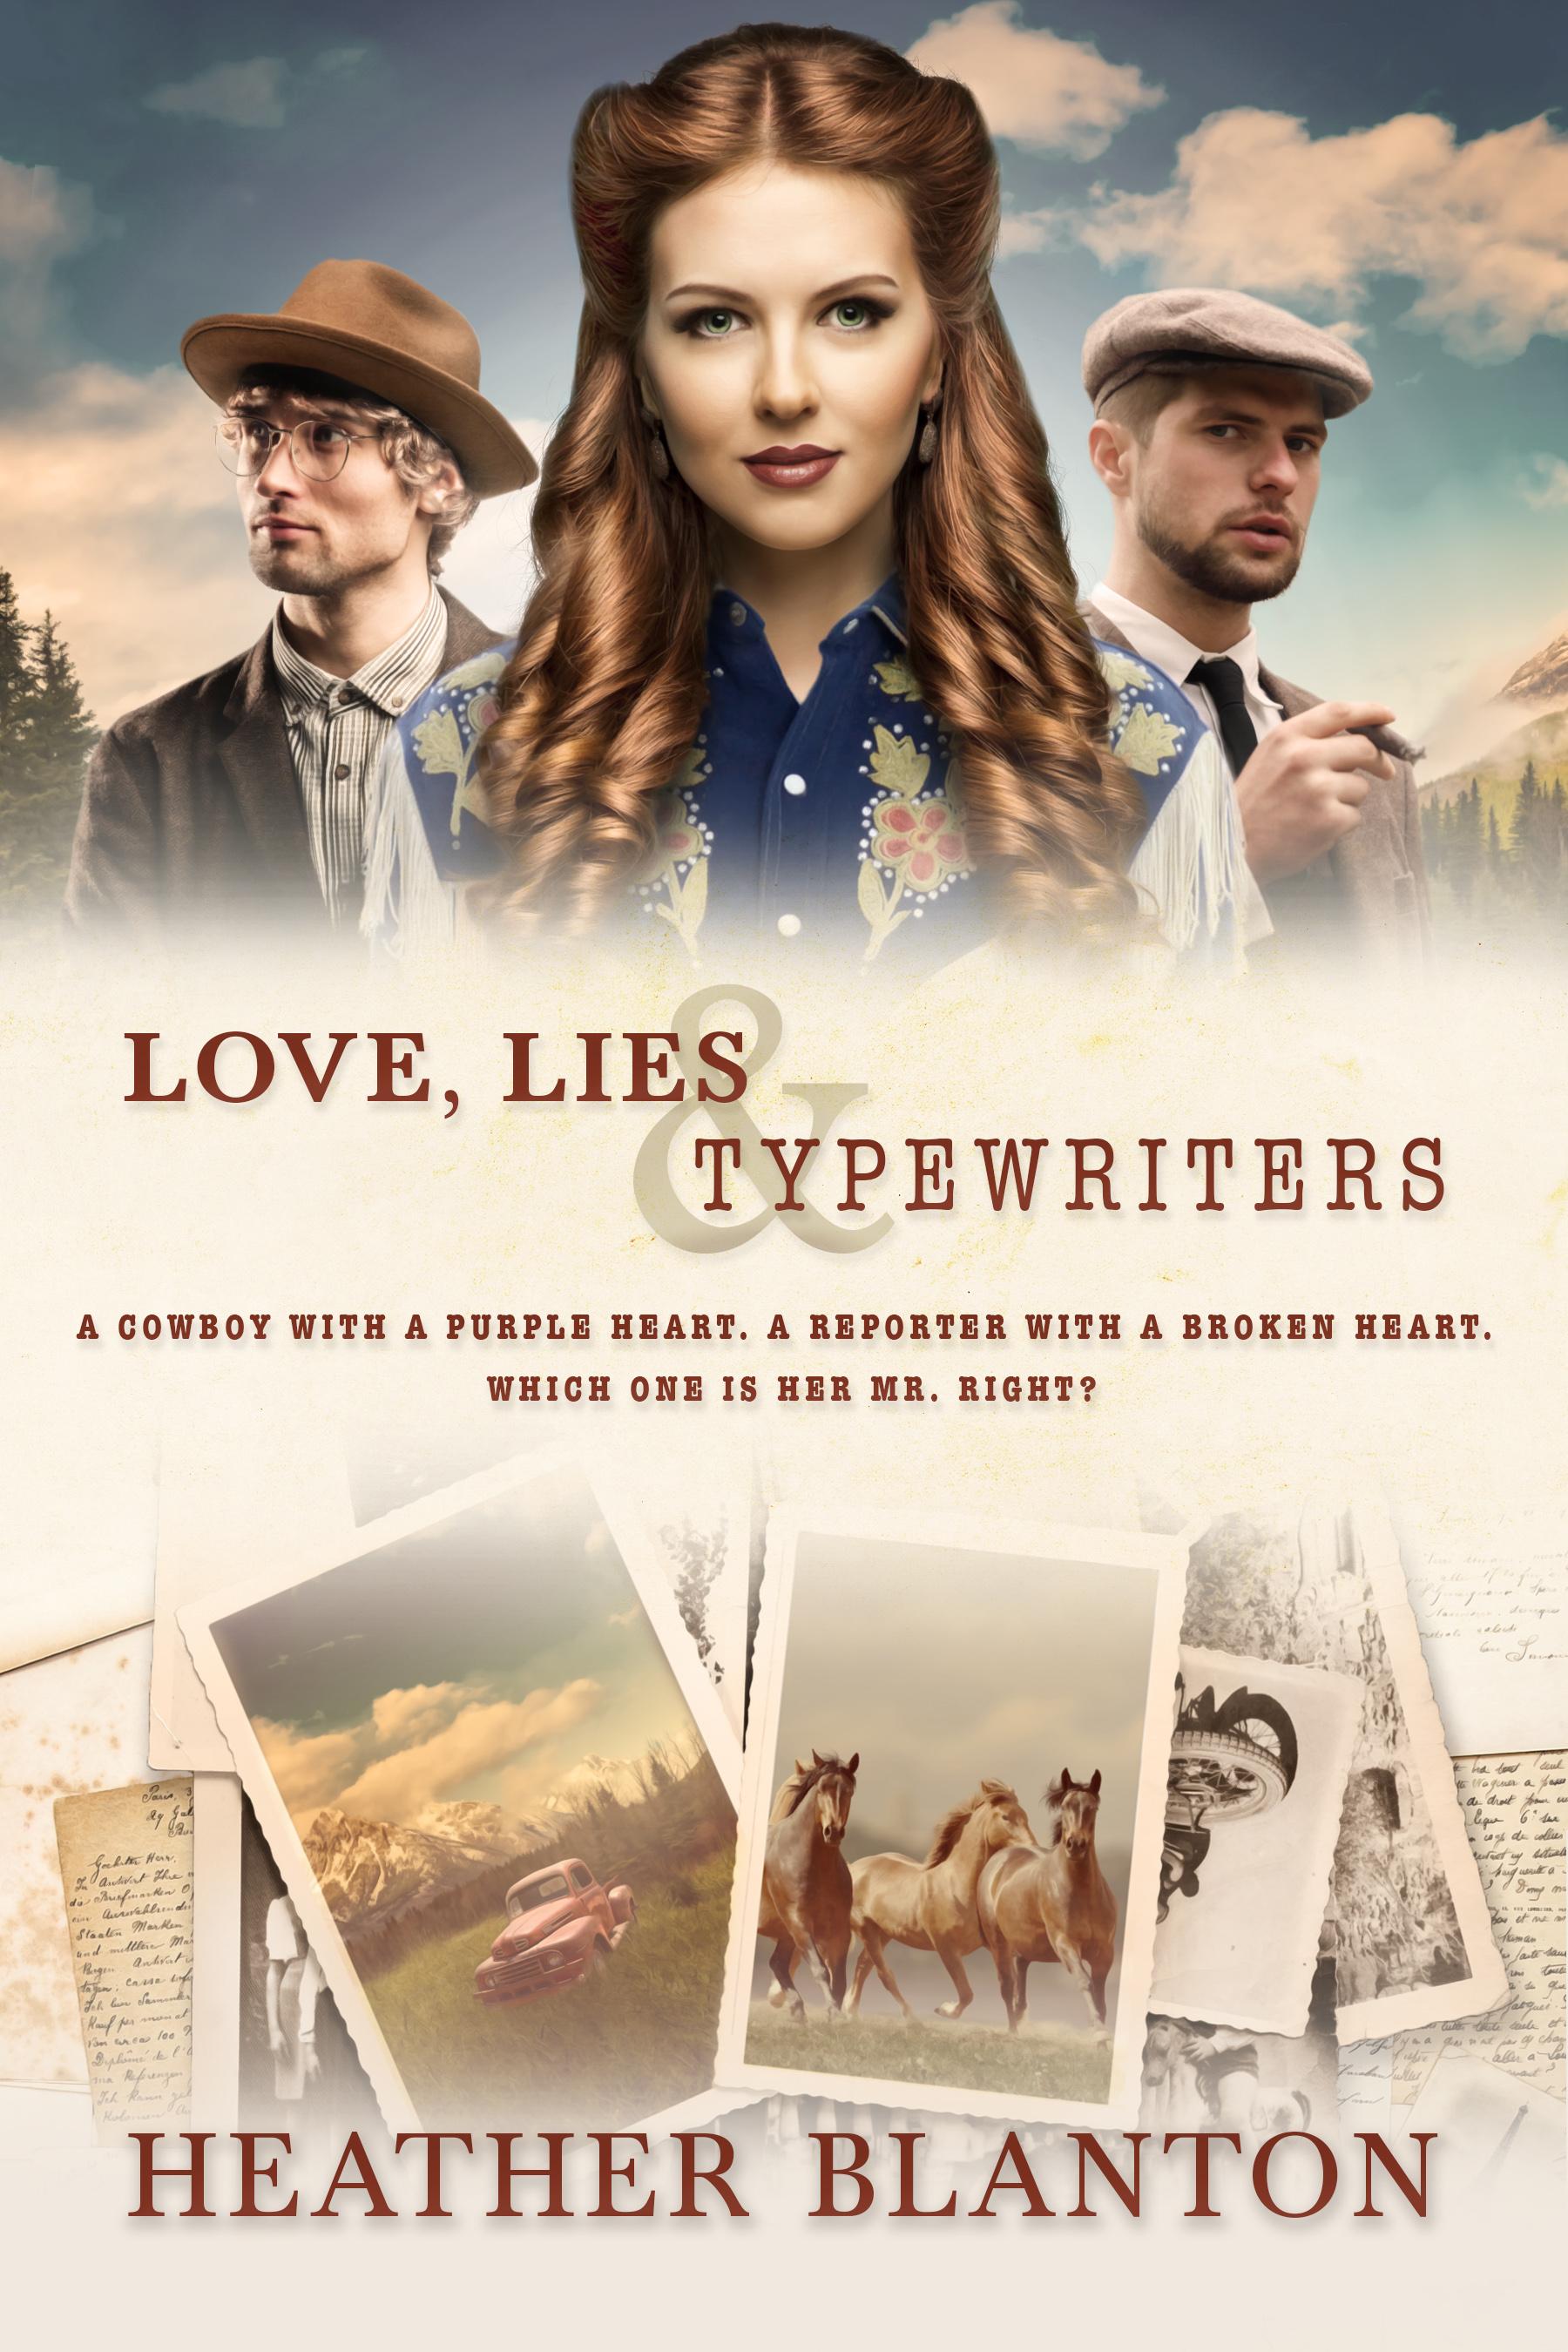 Heather_Blanton_2018_Love_Lies_Typewriters_EBOOK_FINAL